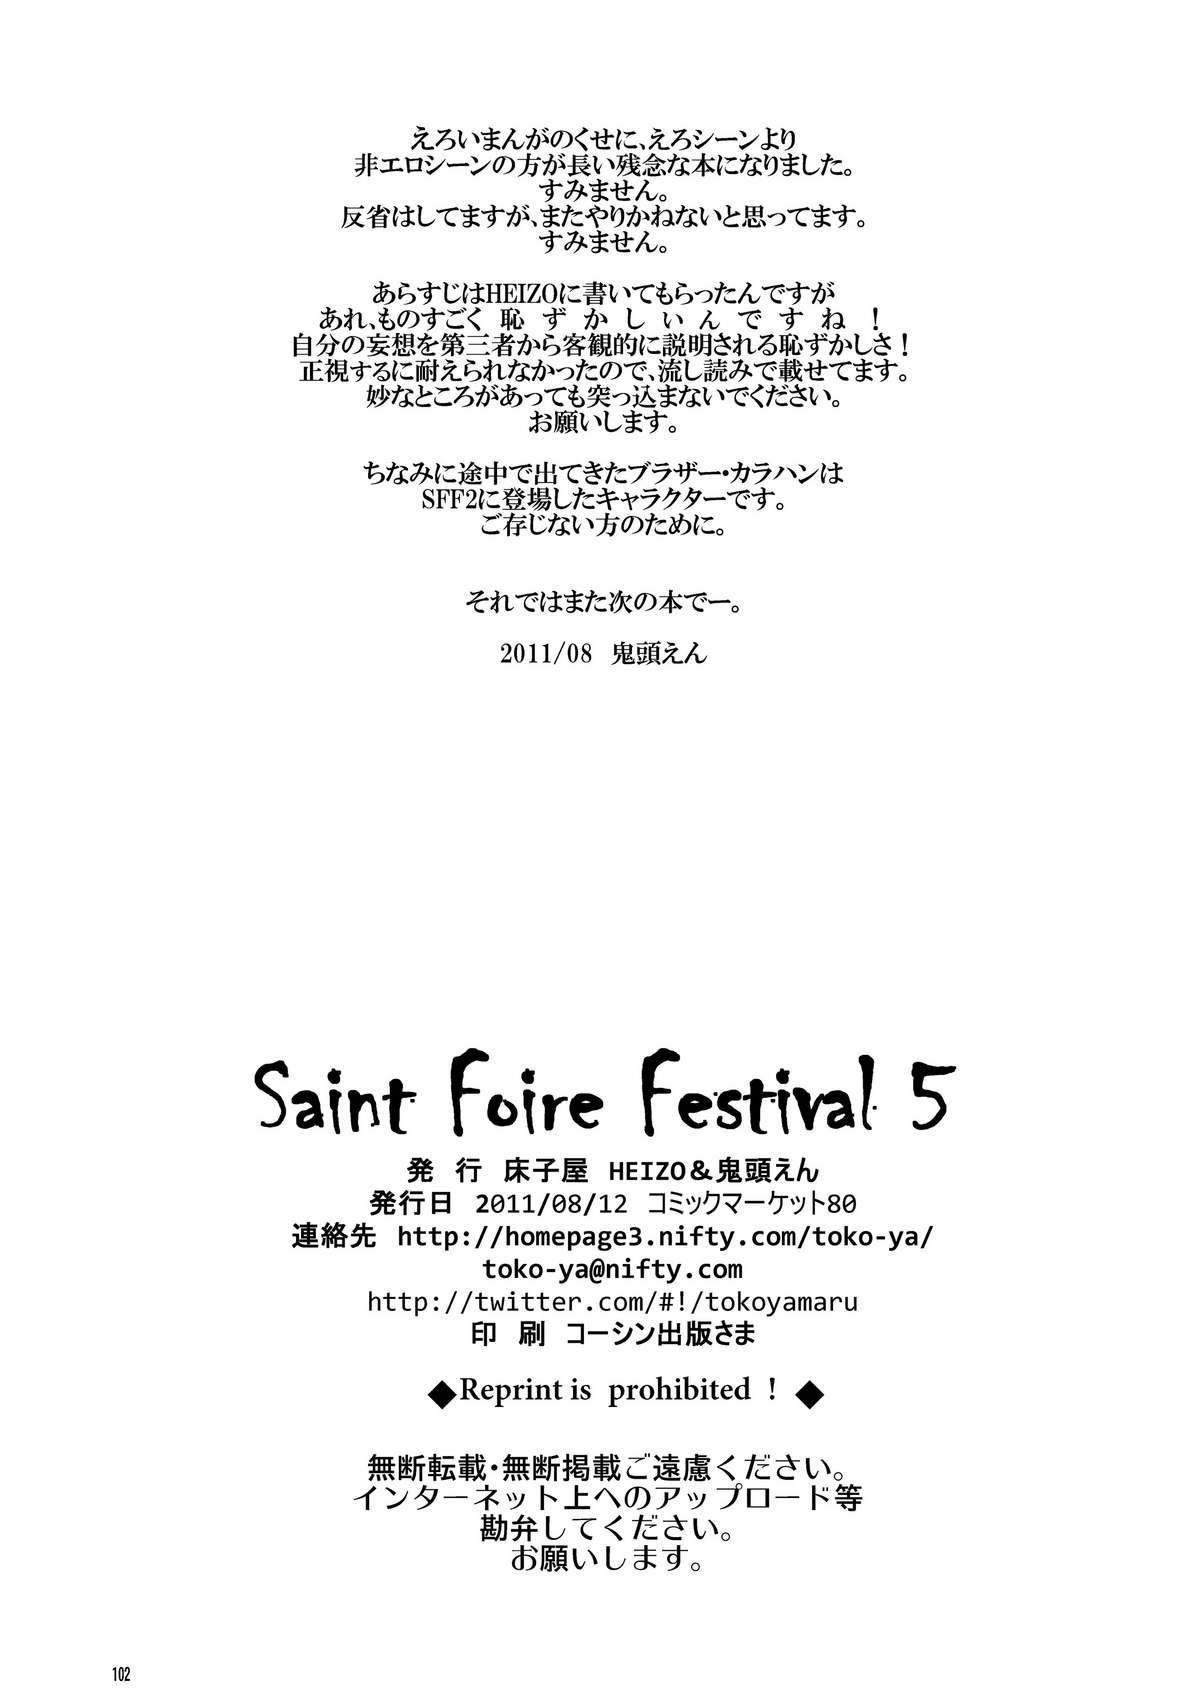 (C80) [Toko-ya (HEIZO, Kitoen)] Saint Foire Festival 5 (DL) [English] V2.0 100